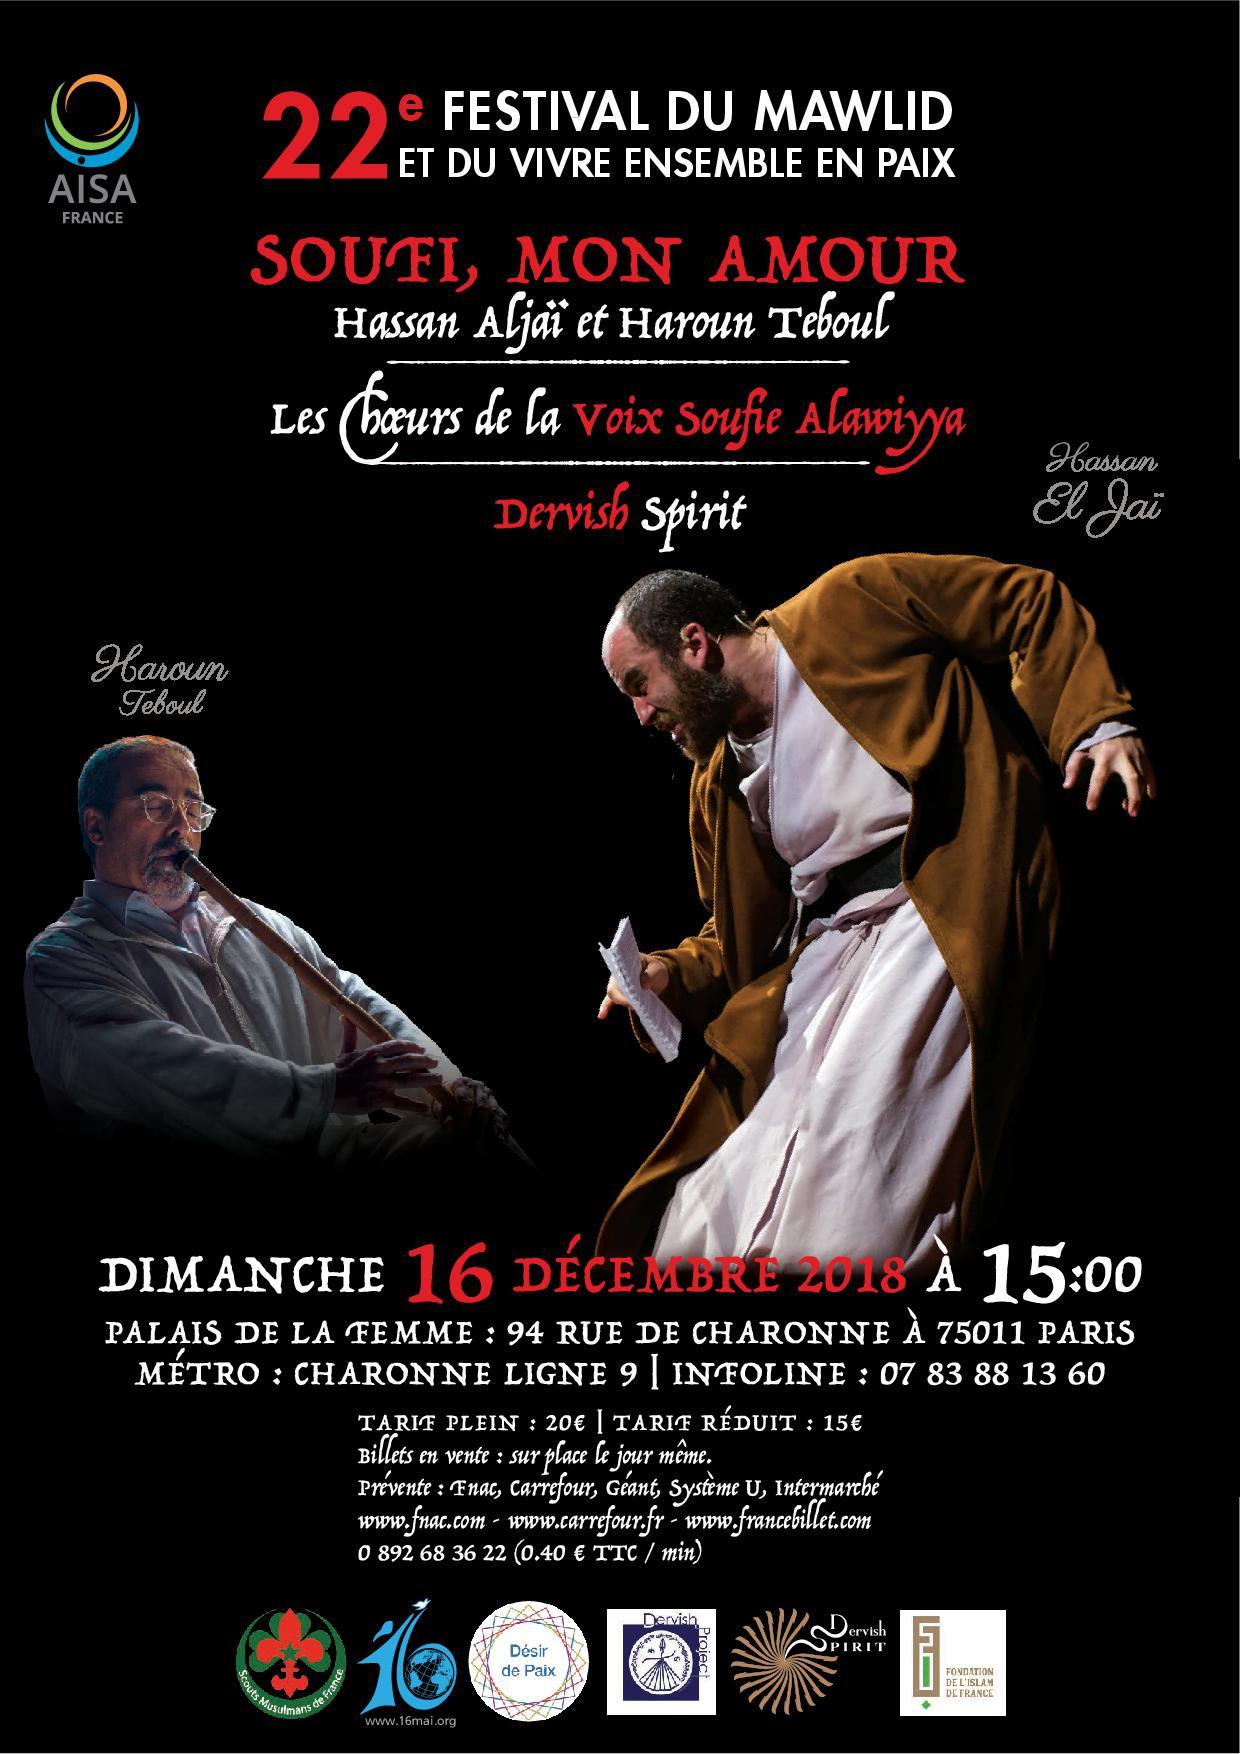 https://www.saphirnews.com/agenda/Soufi-mon-amour-22e-Festival-du-Mawlid-et-du-vivre-ensemble-en-paix_ae613982.html